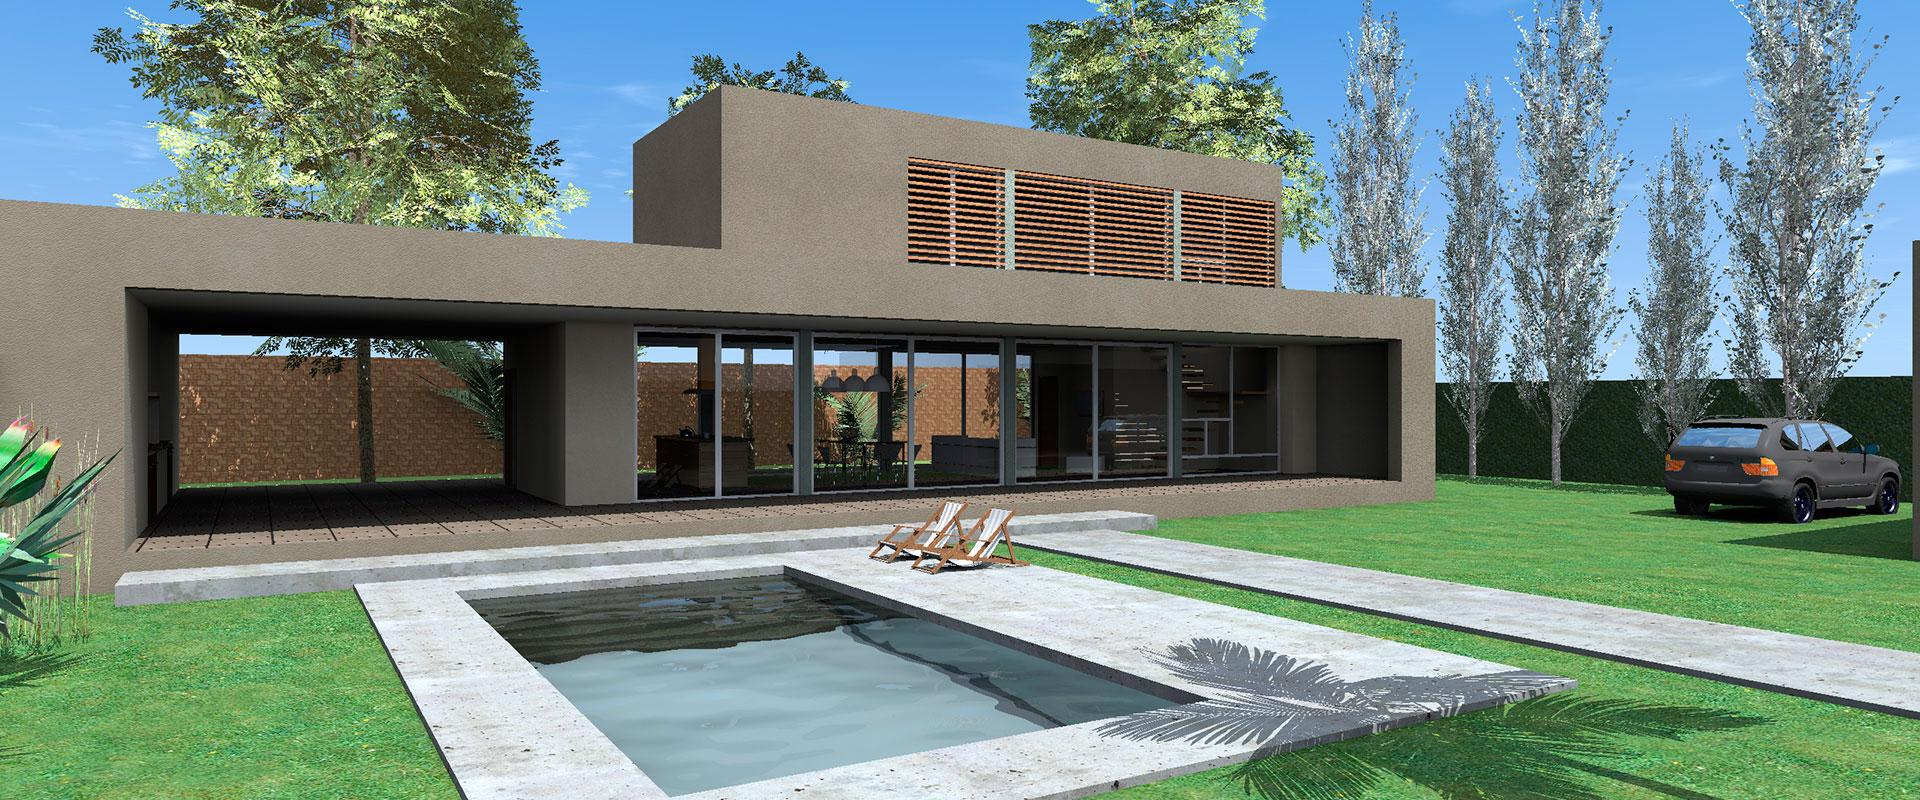 estudio_arquitectura_rosario_obra_brandoni